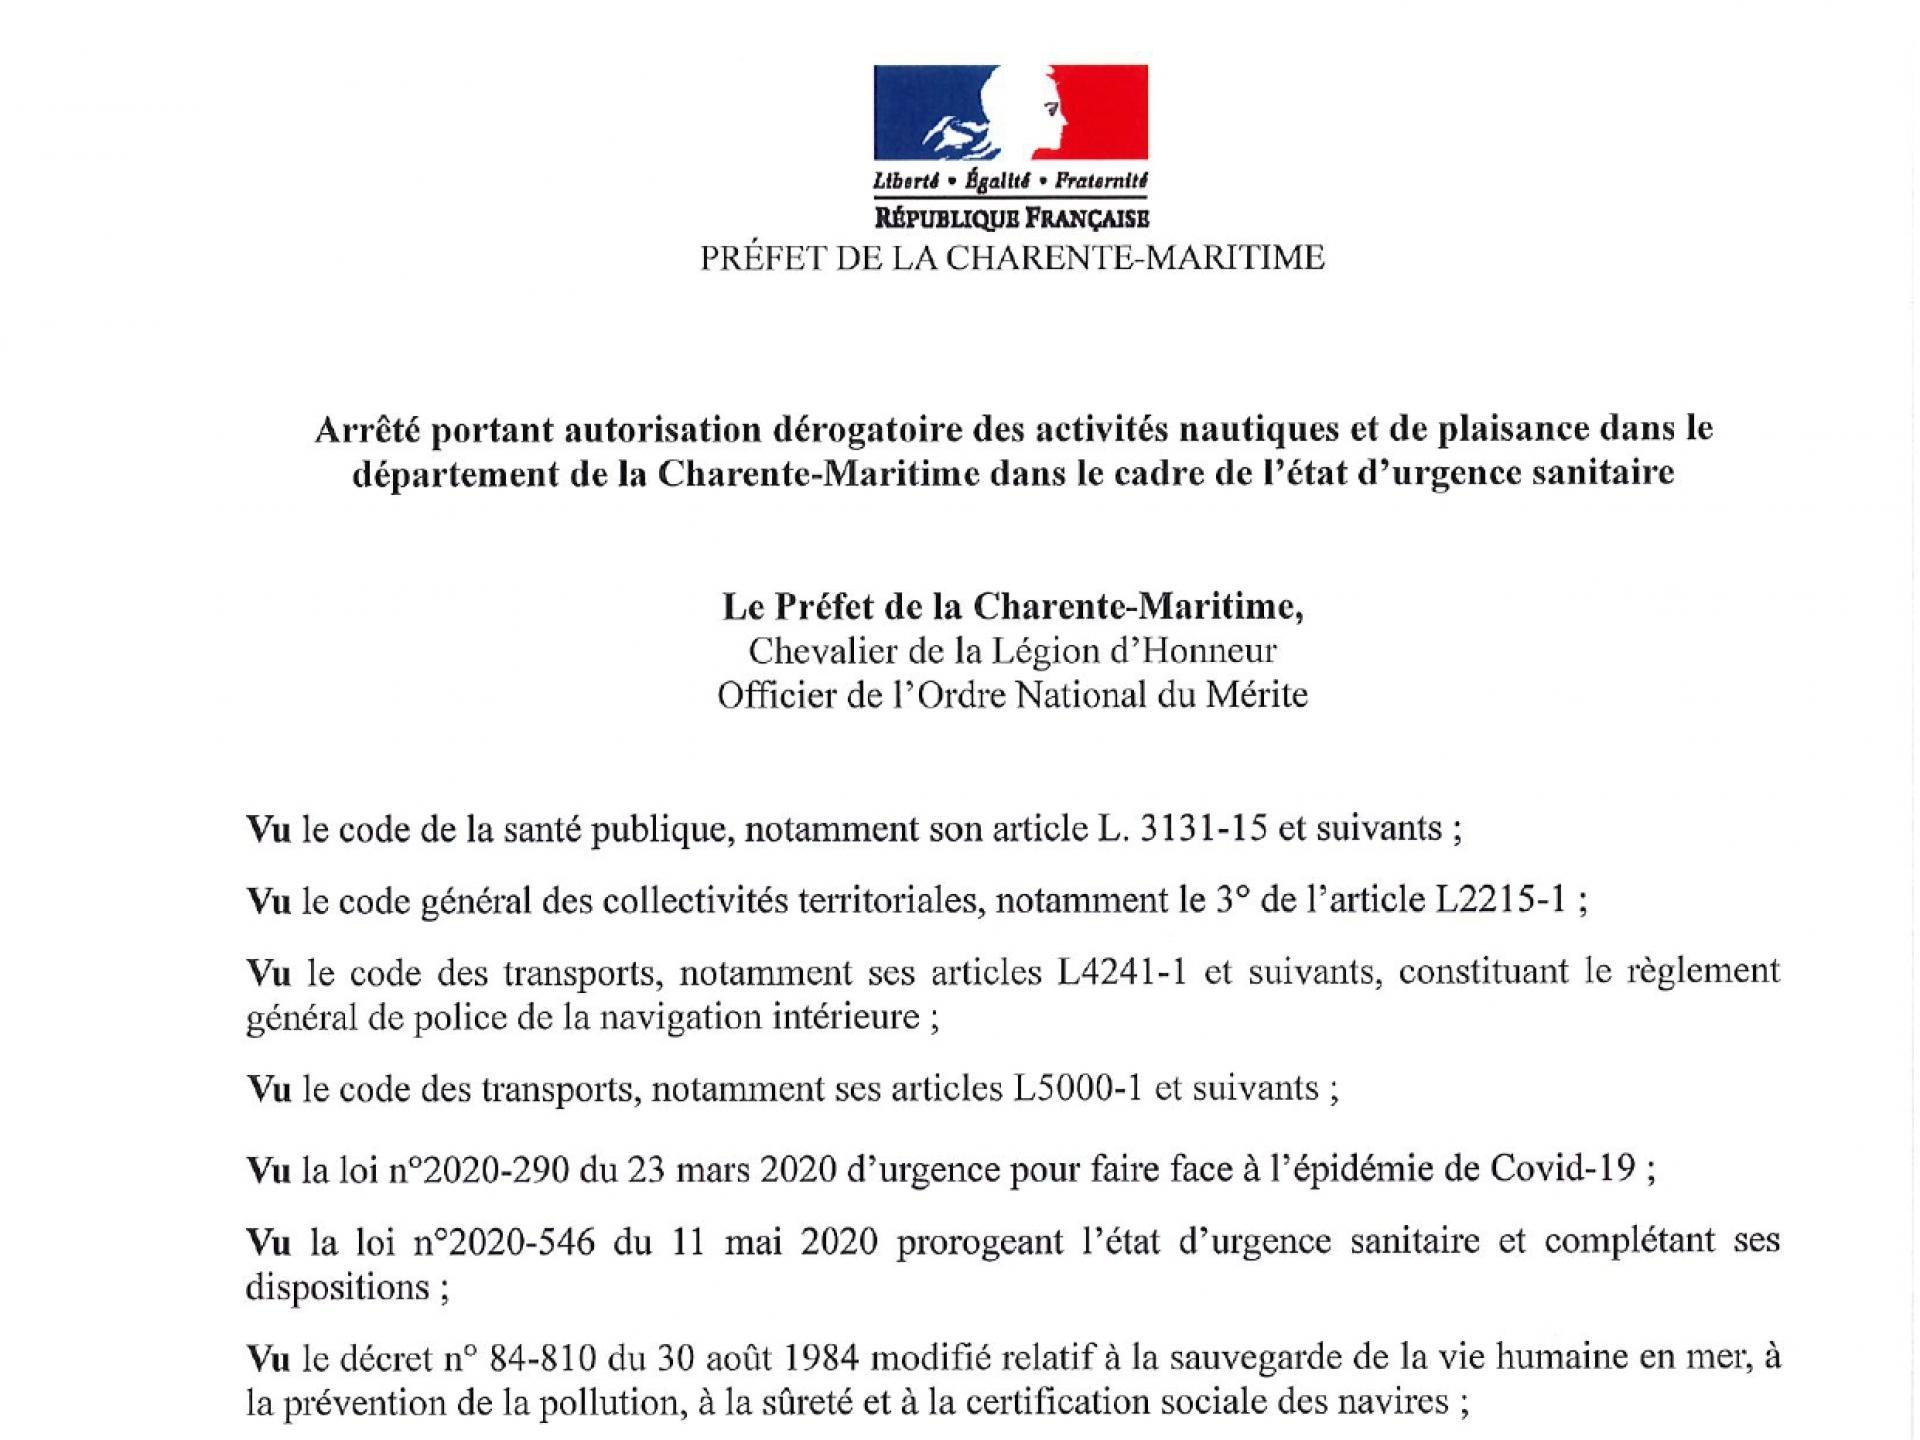 P017 20200515 Dérogation Activités Nautiques Et Plaisance Charente Maritime Page 0001